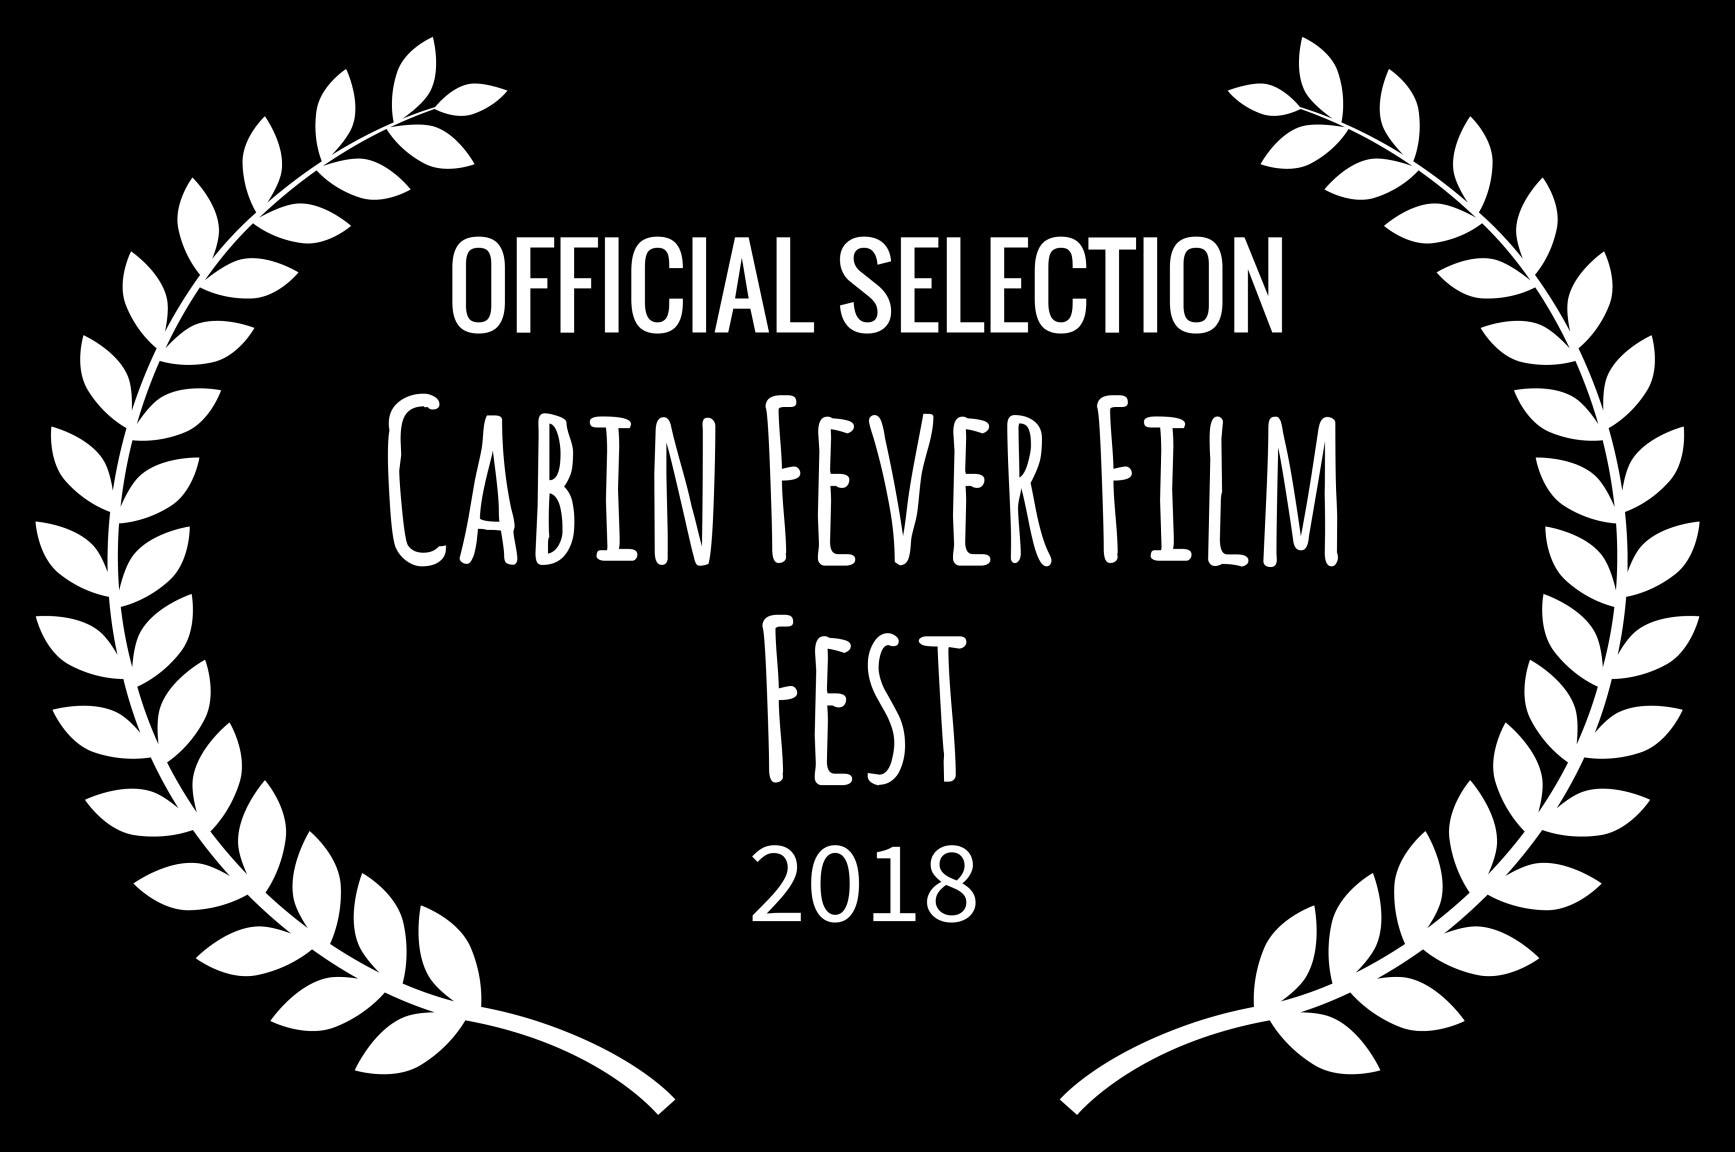 OFFICIAL SELECTION - Cabin Fever Film Fest - 2018.jpg